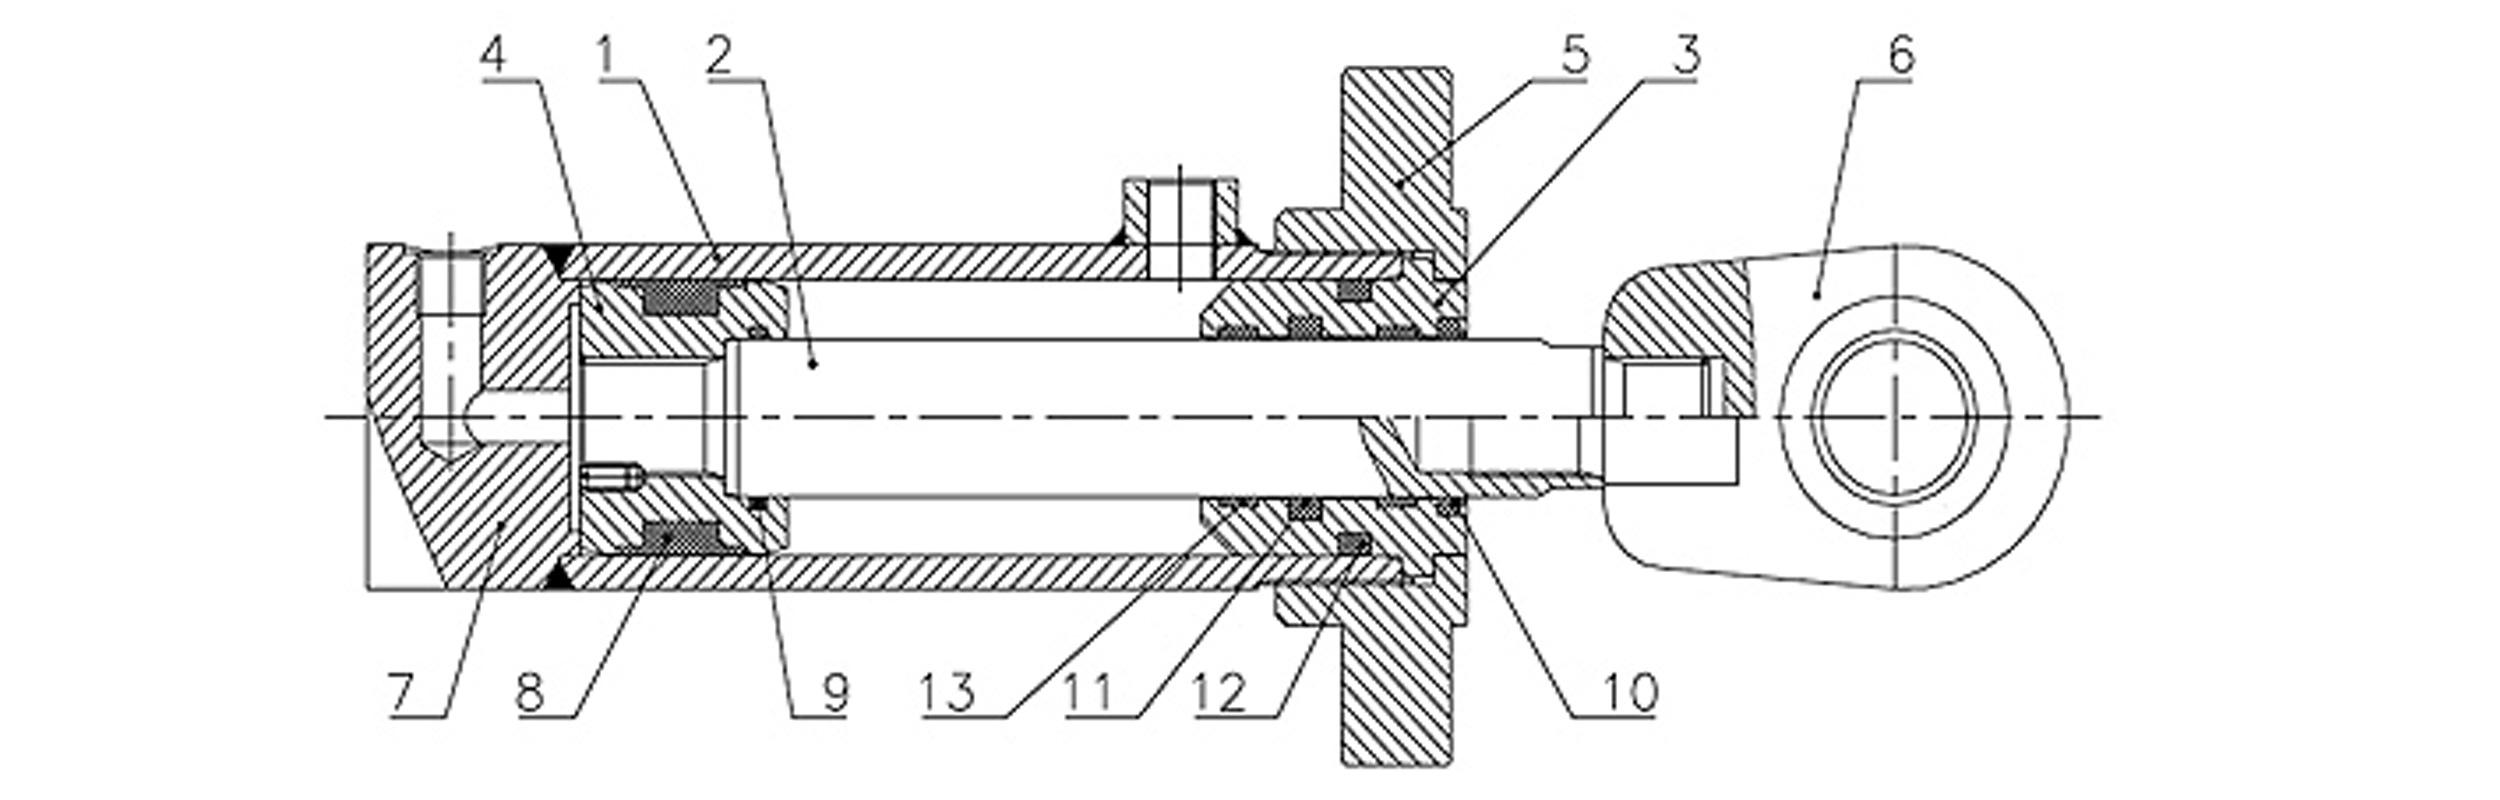 Siłownik hydrauliczny dwustronnego działania CK - części zamienne